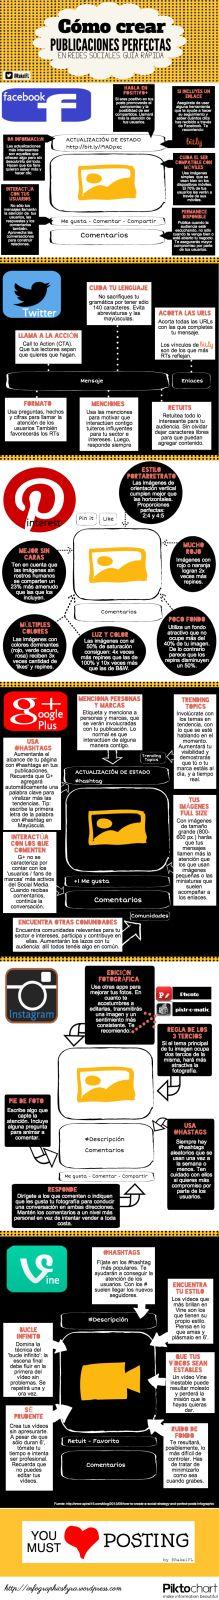 Infografía: Como crear una publicación perfecta en redes sociales #RedesSocialesPanama #MarketingTips